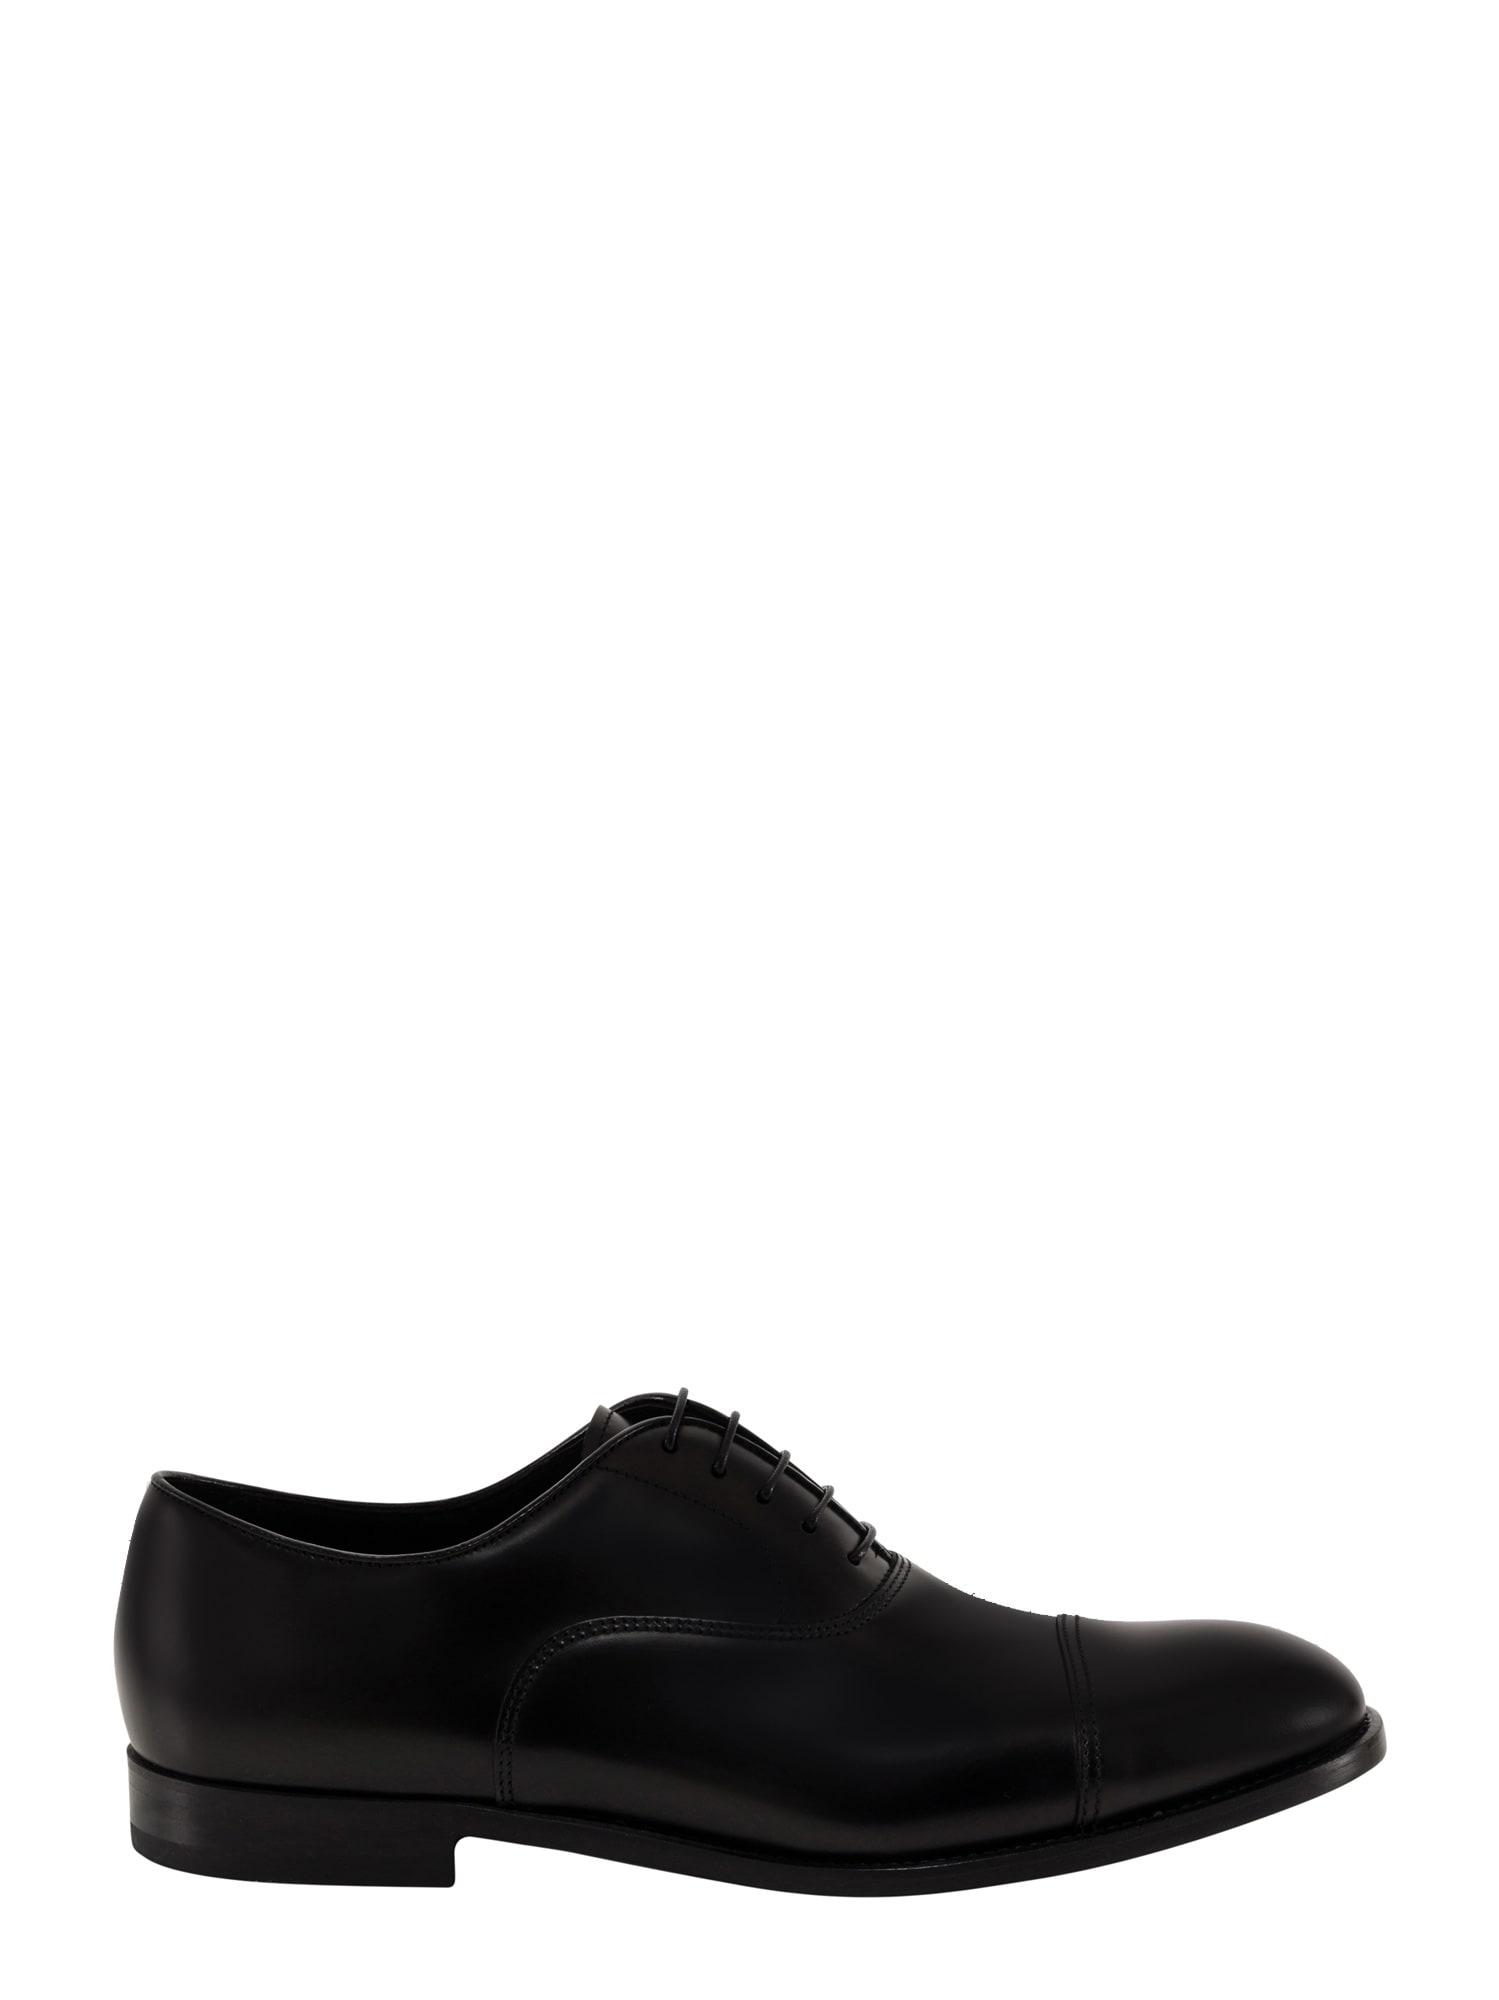 Doucals Lace-up Shoe